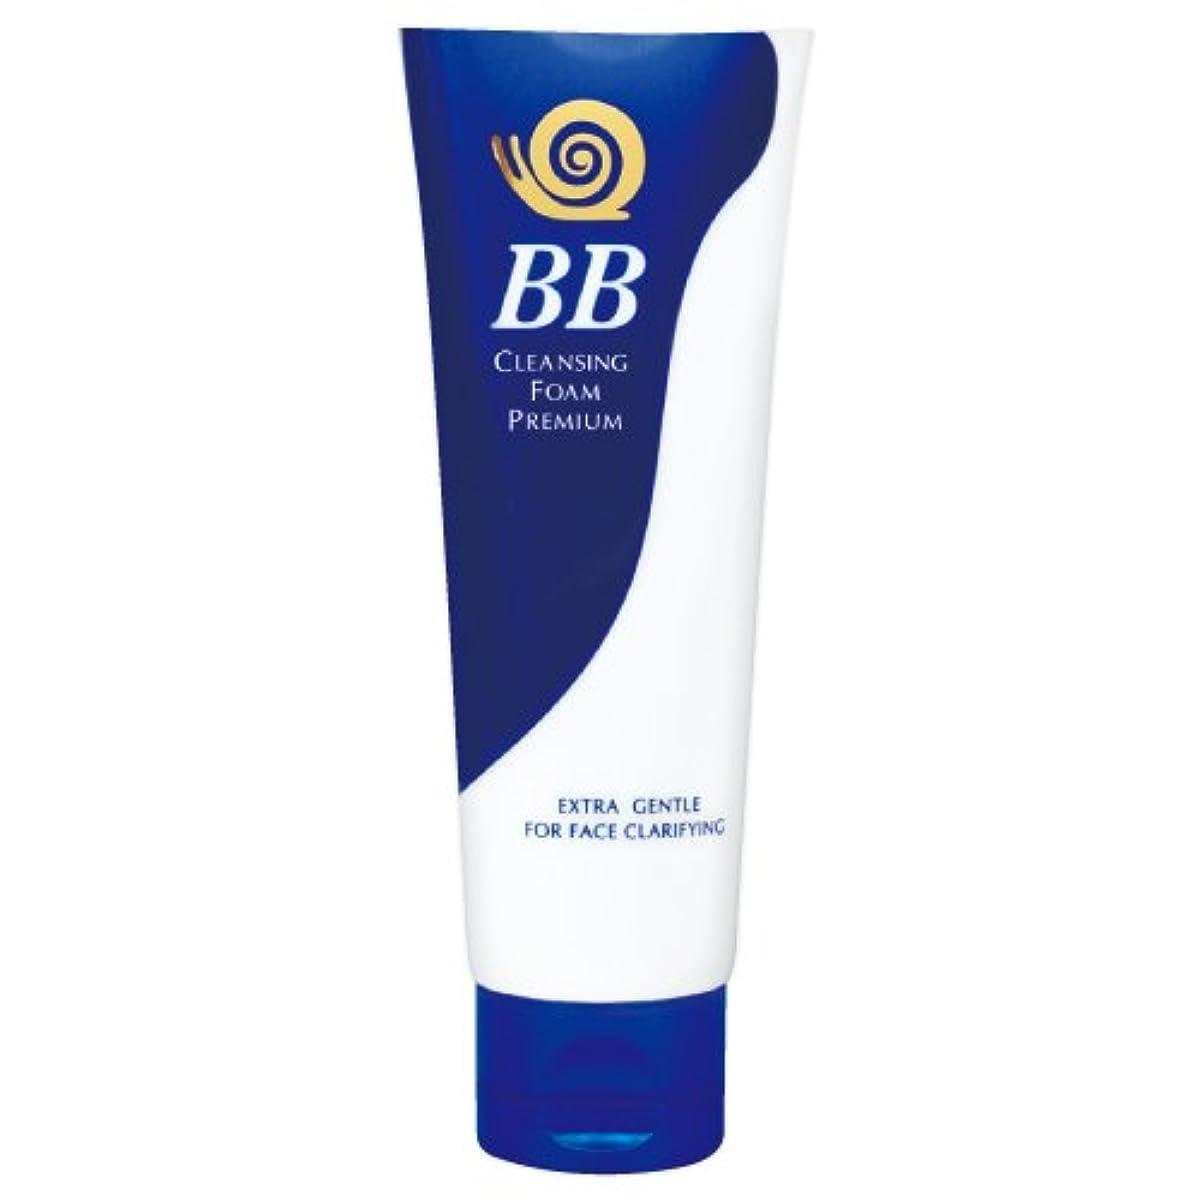 独立タンカー著名な極上 かたつむり BB 洗顔フォーム (プレミアム) 100g